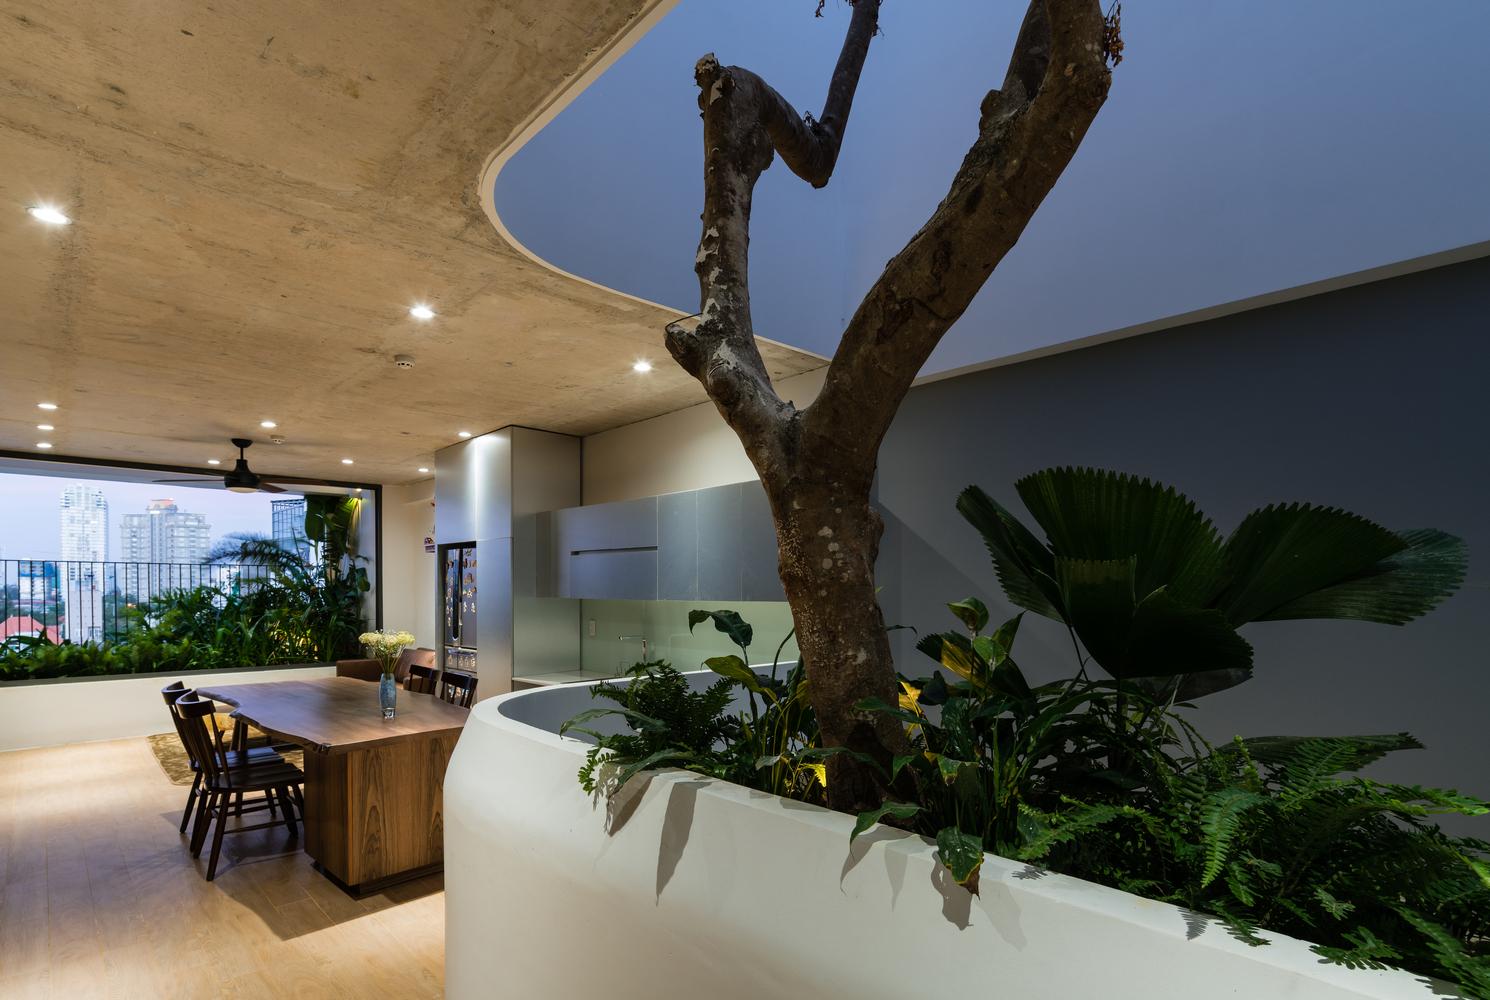 Nhà cho thuê căng tràn ánh sáng tự nhiên 'ai cũng muốn ở' tại Vũng Tàu  - Ảnh 4